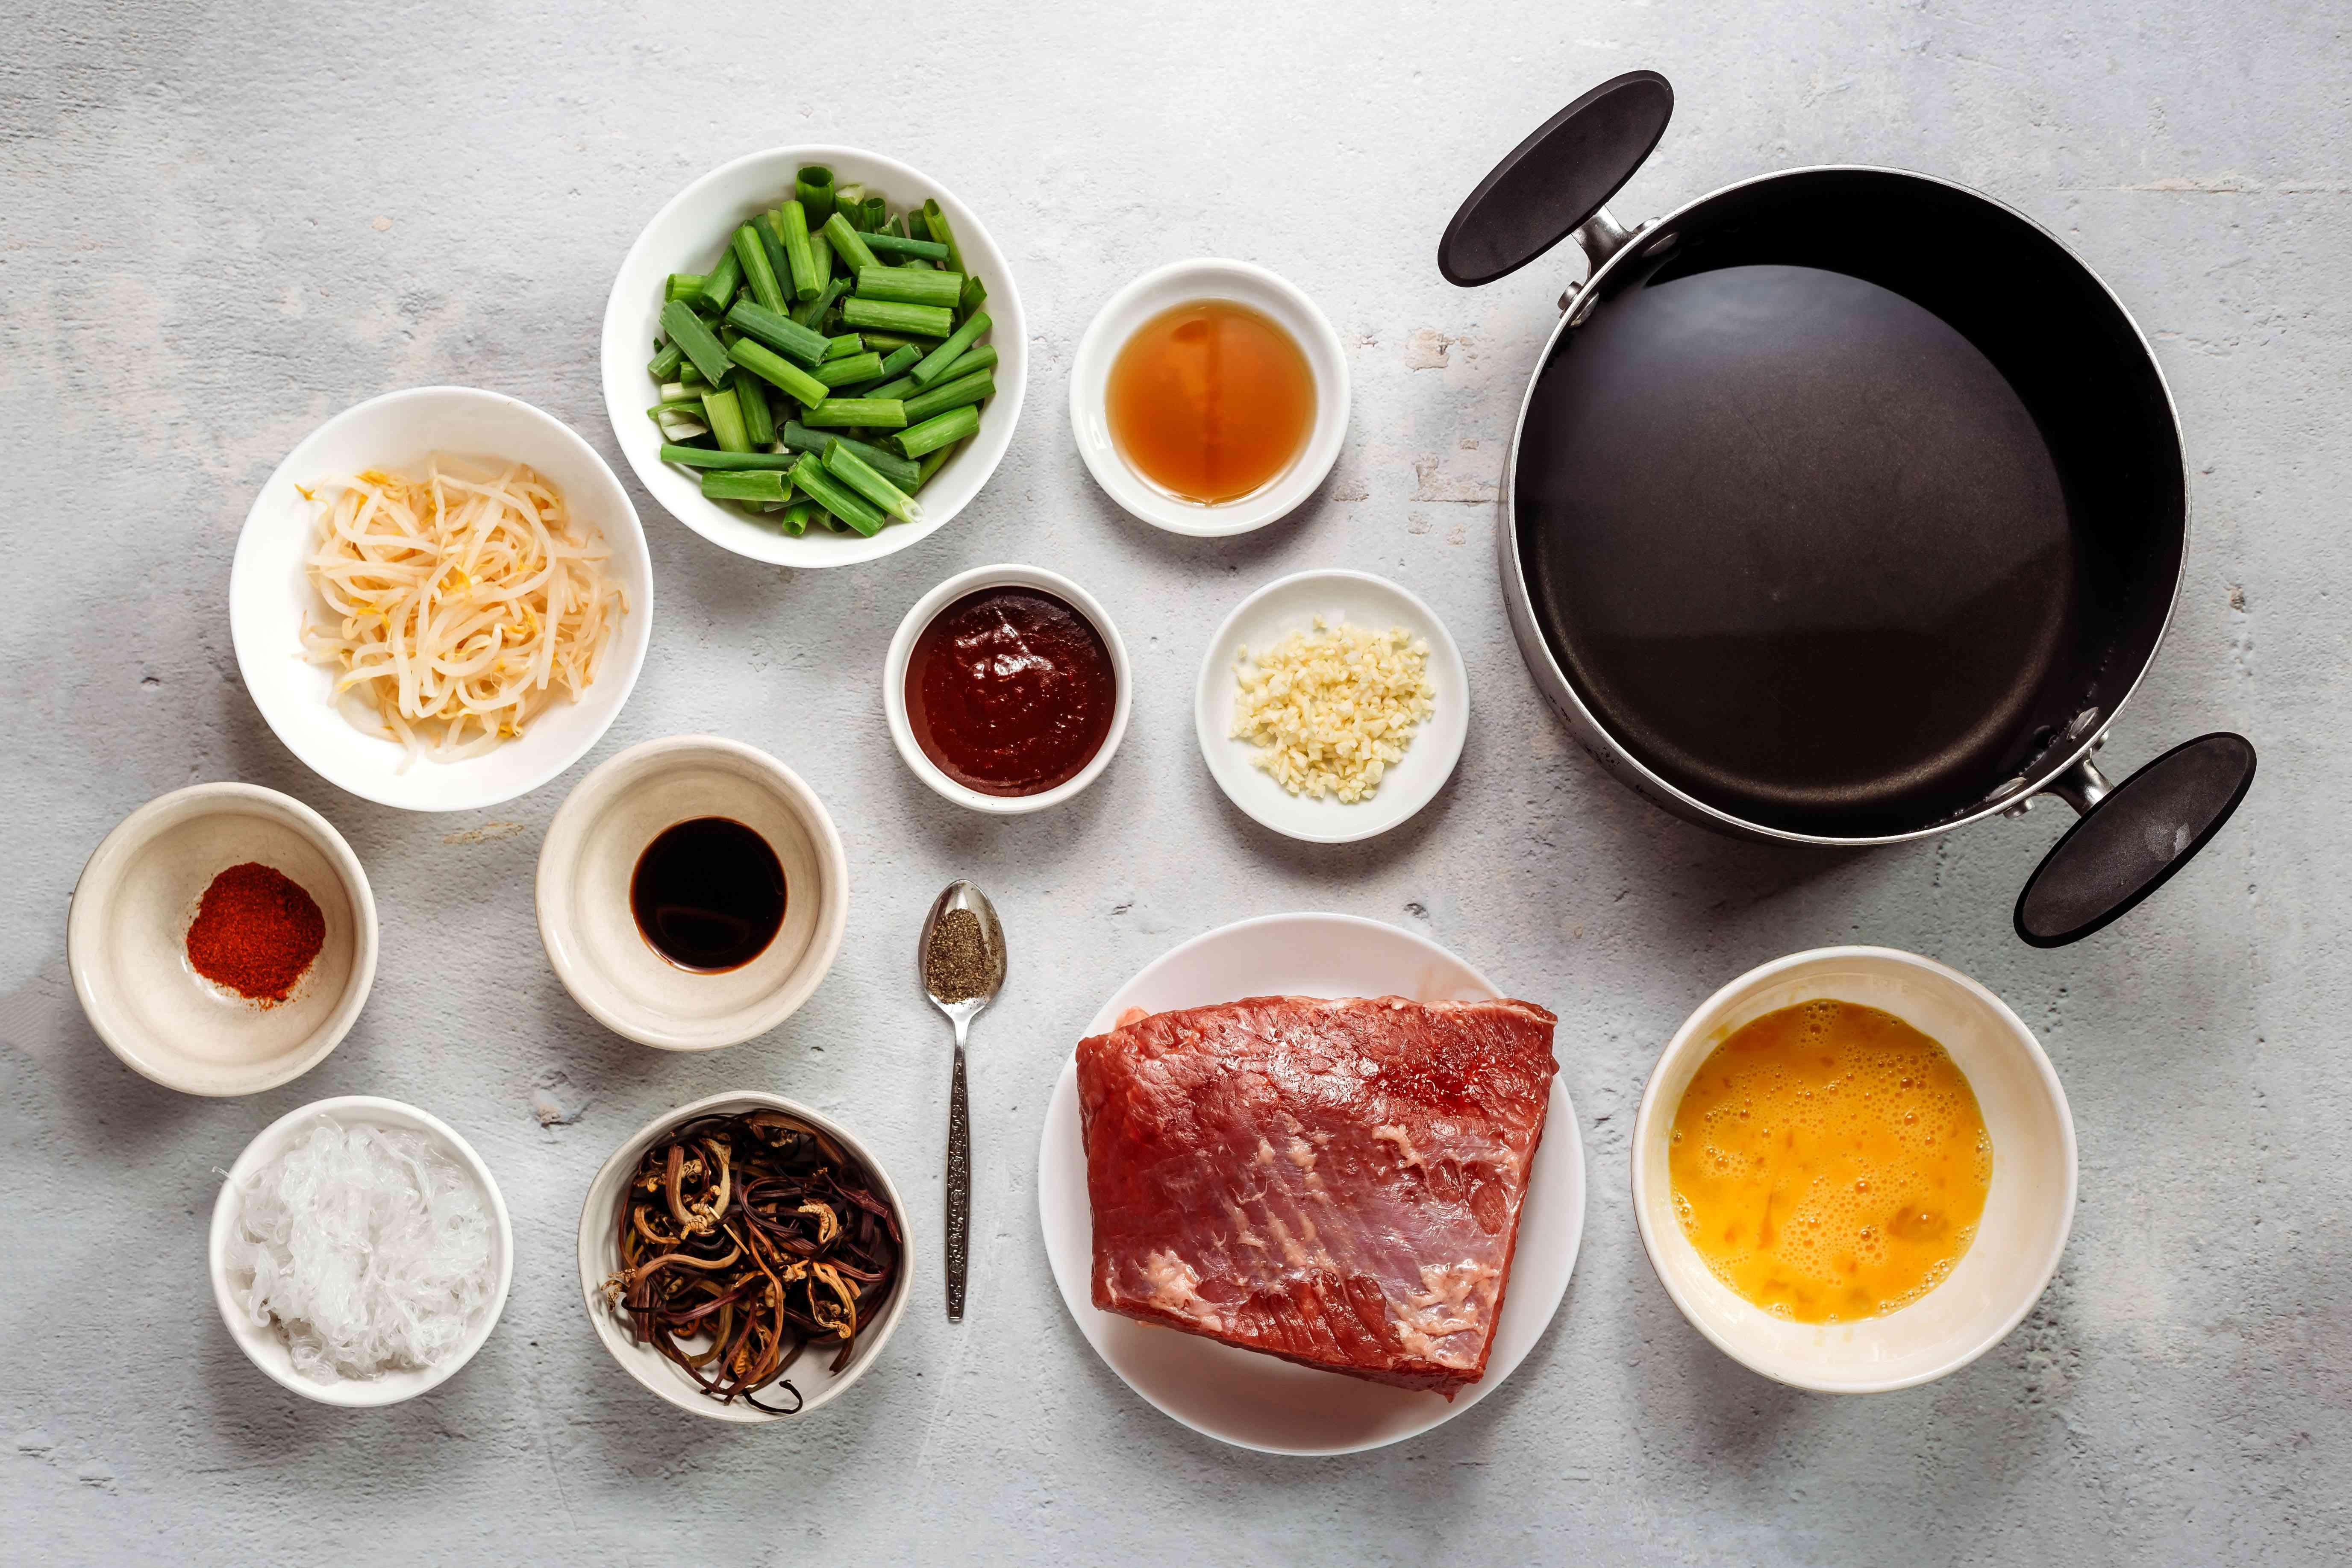 Ingredients for yukgaejang, Korean spicy beef soup